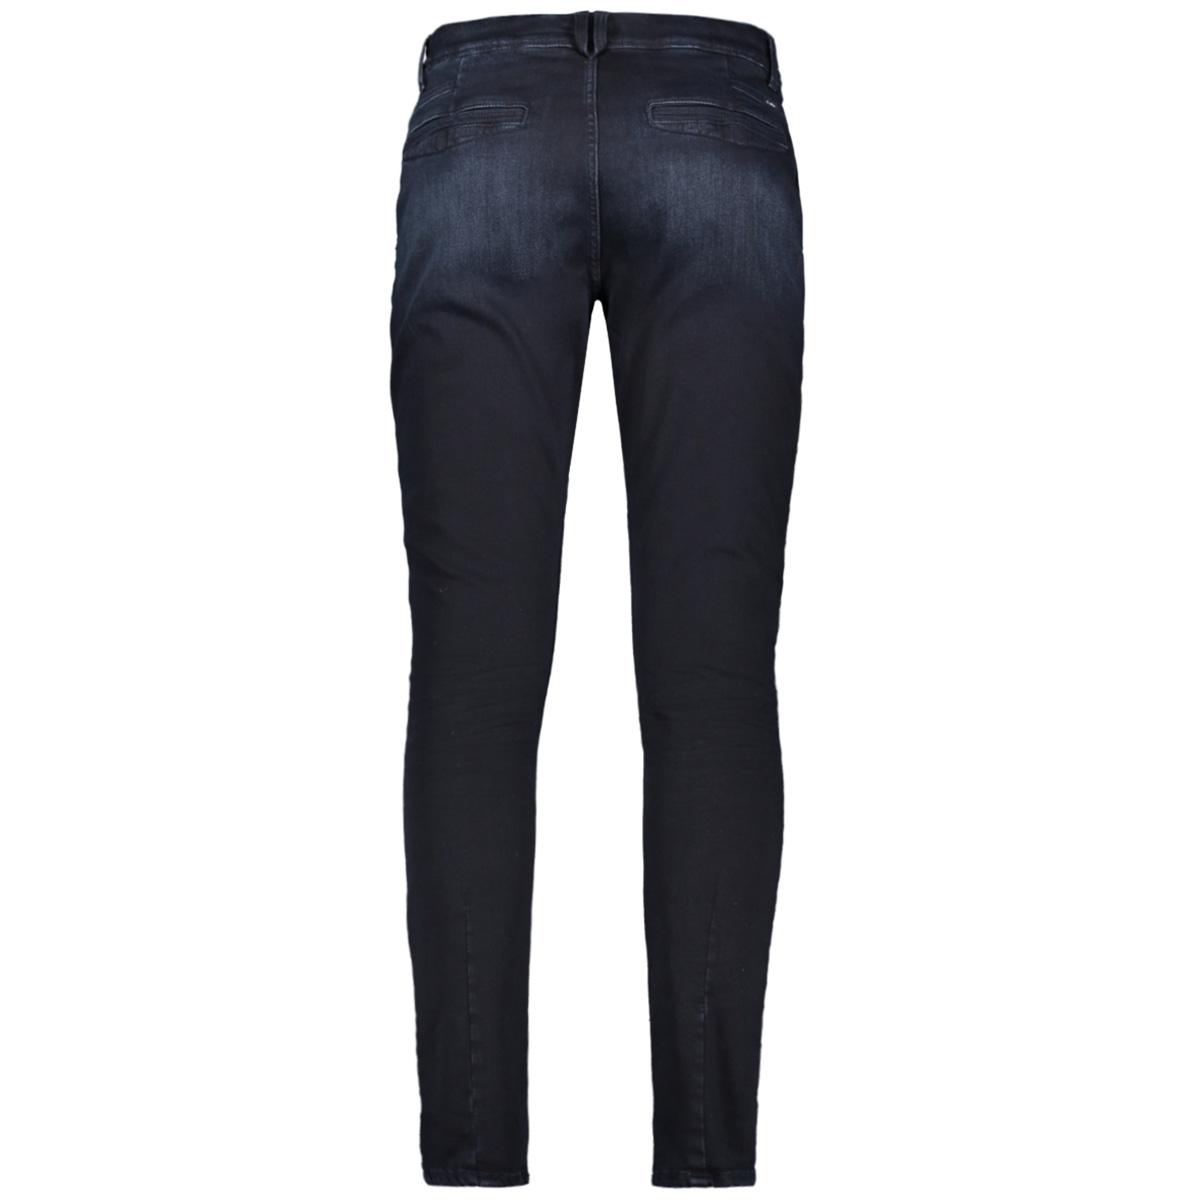 nero chino 670 garcia jeans dark used 8247